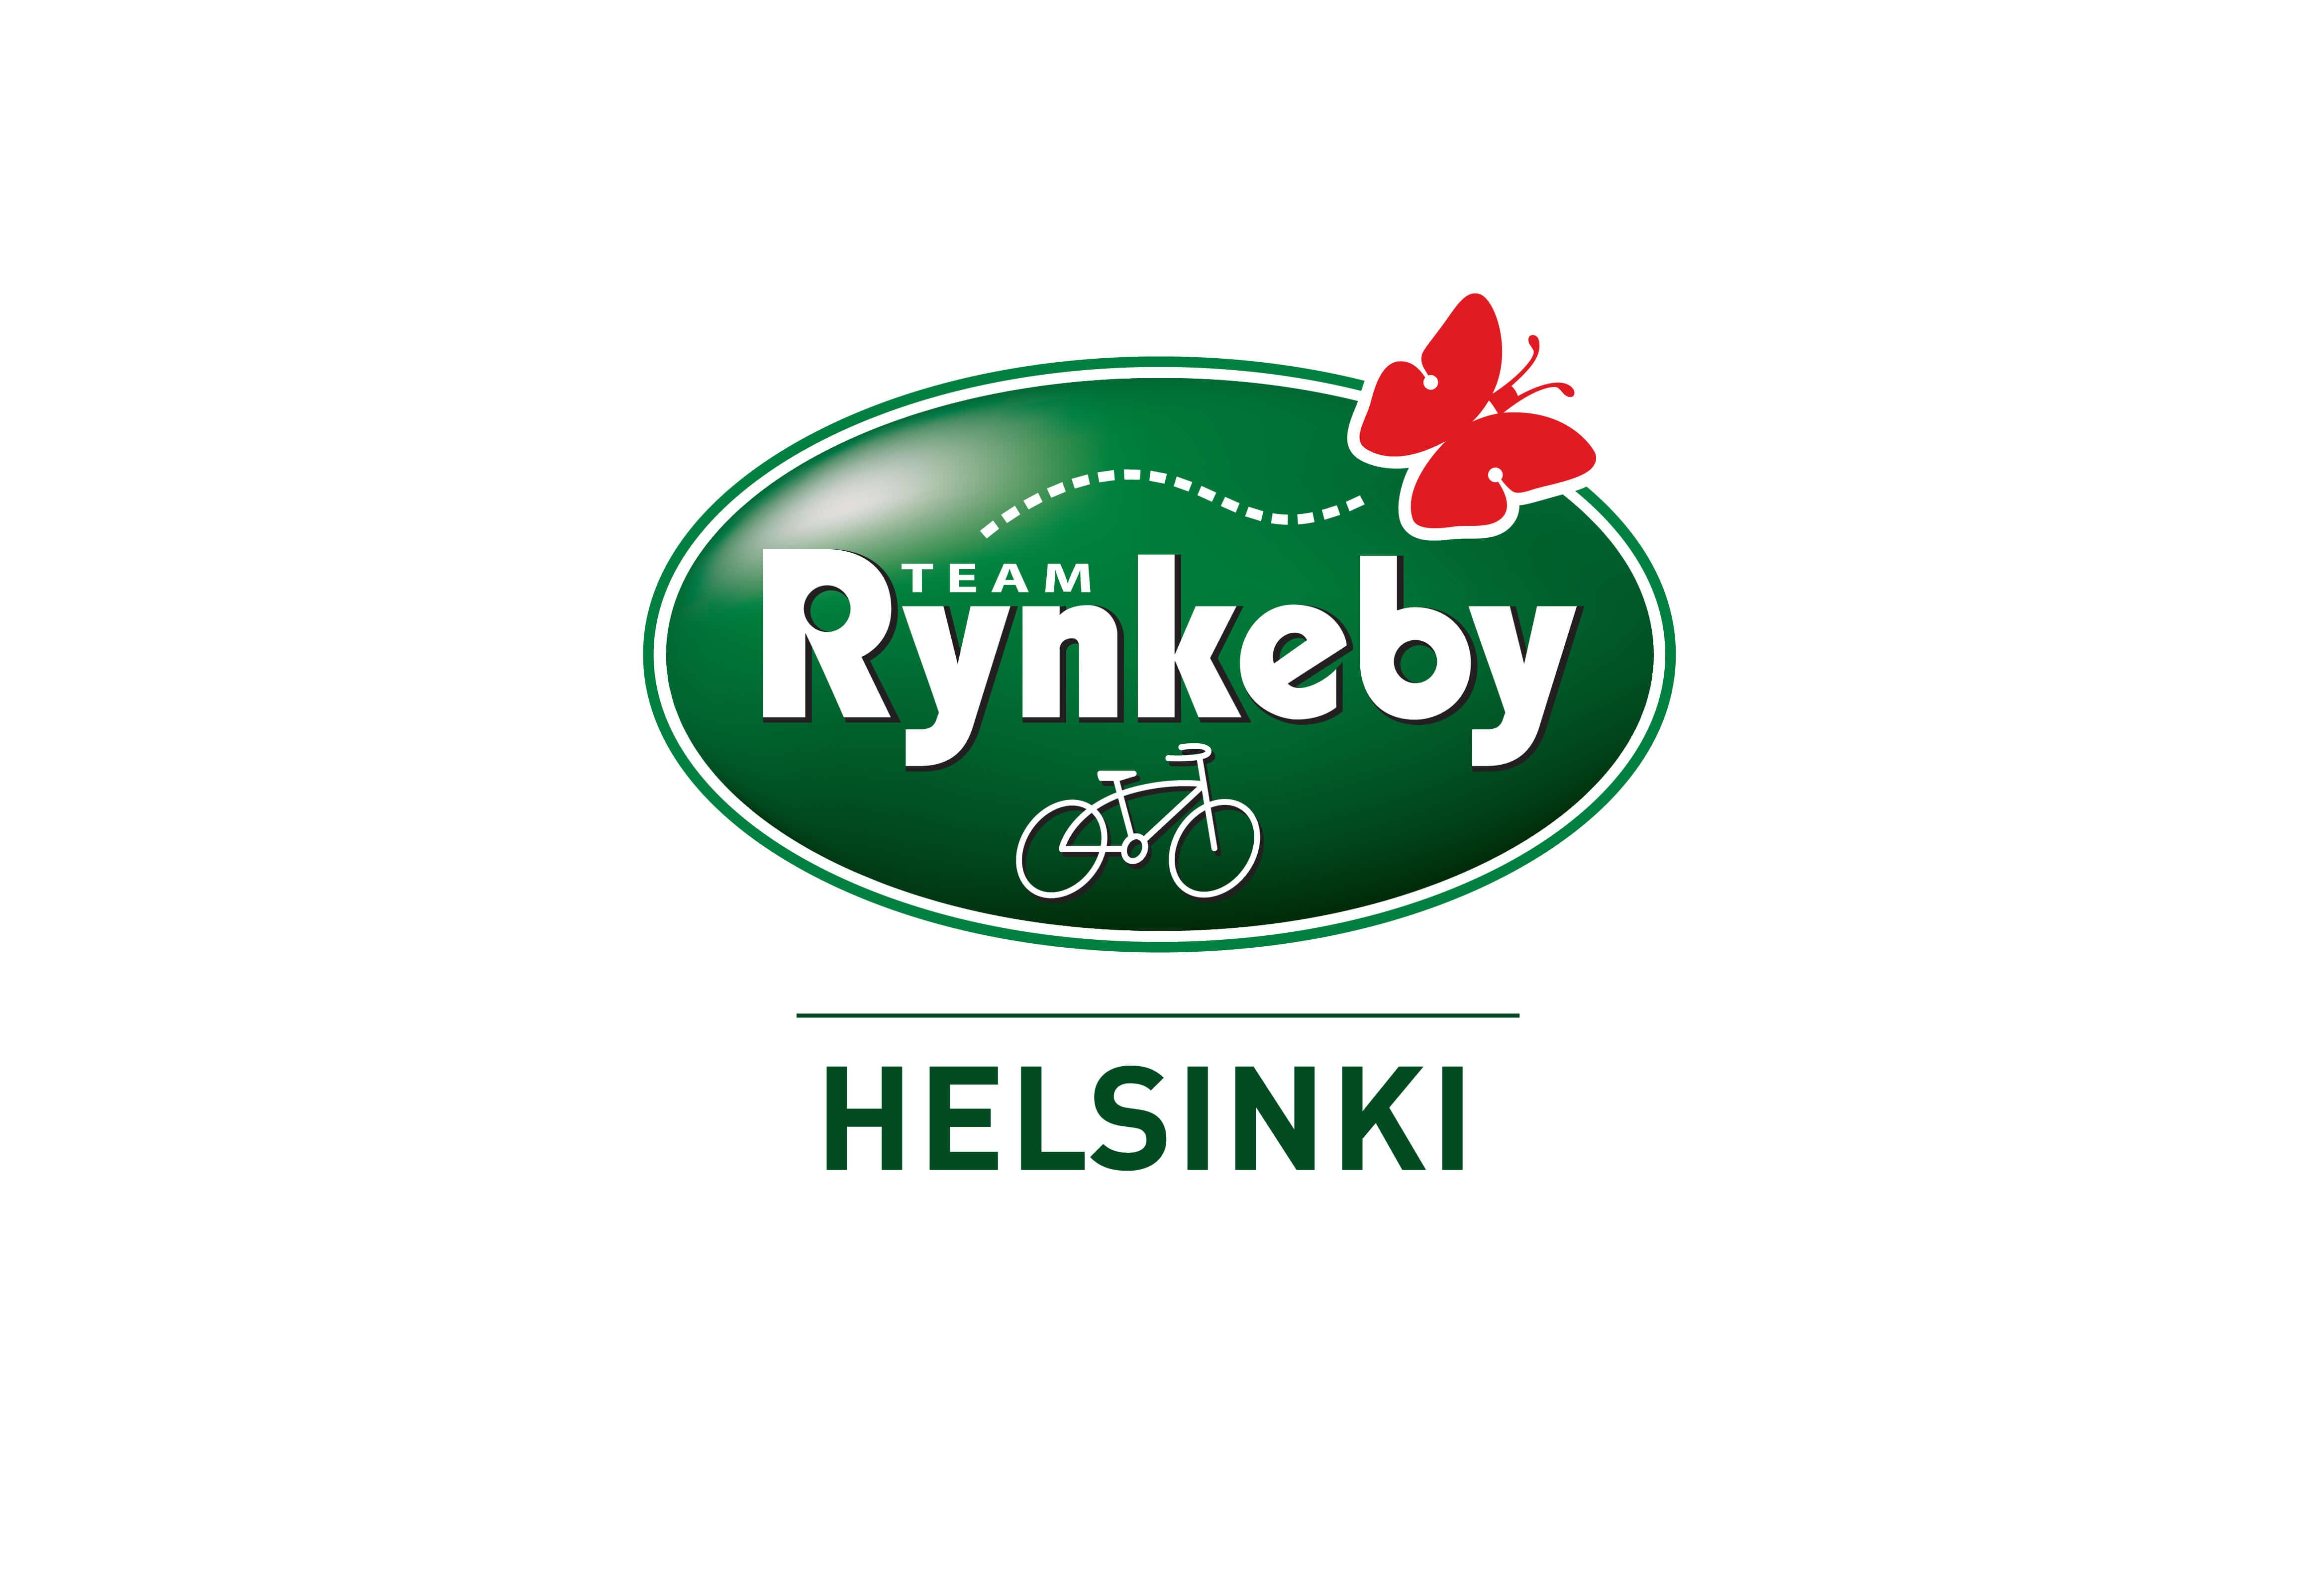 Team Rynkeby Helsinki